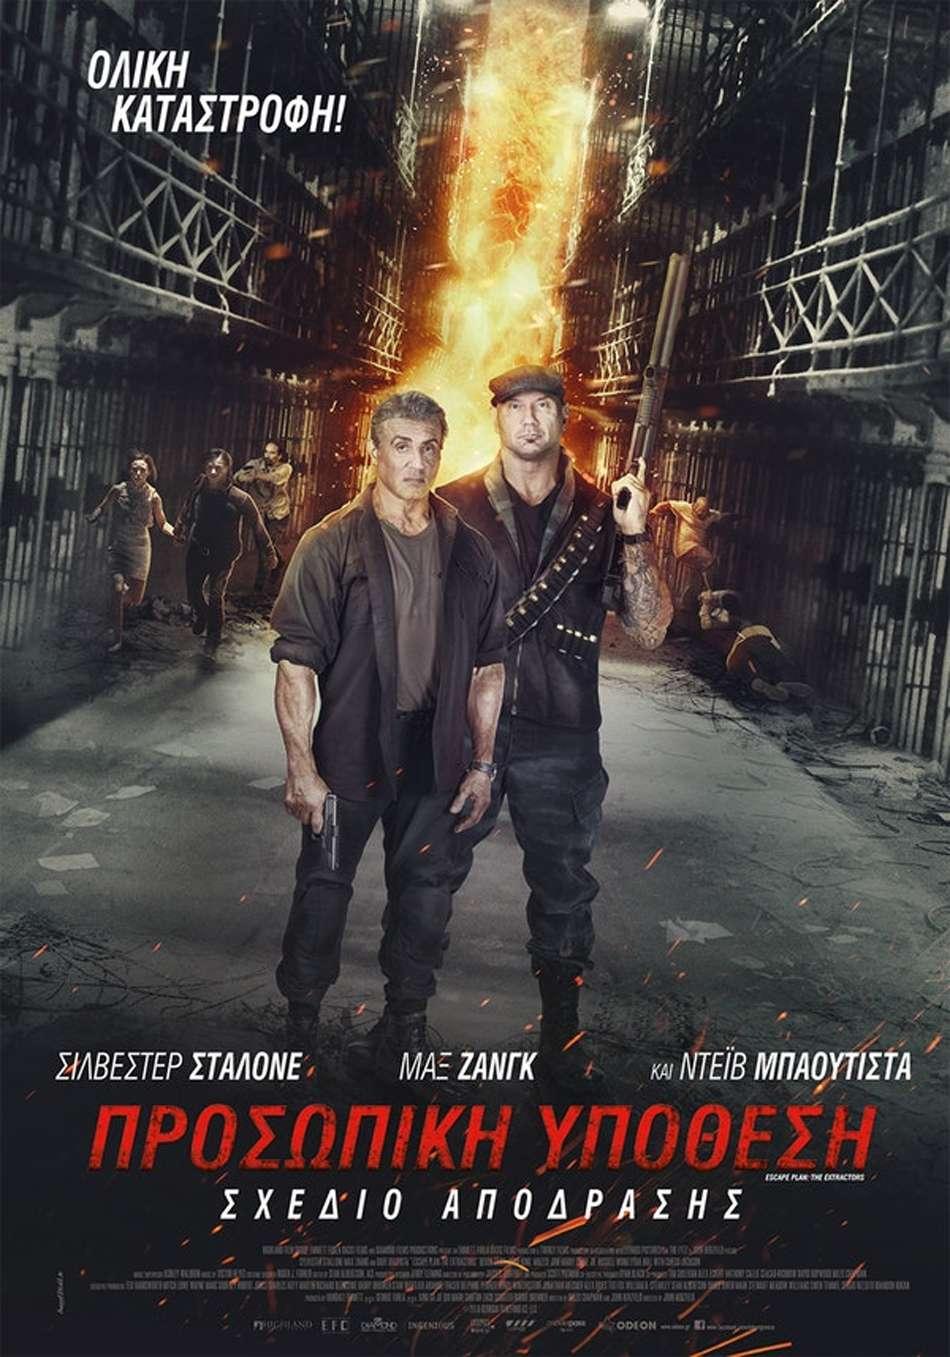 Σχέδιο Απόδρασης: Προσωπική Υπόθεση (Escape Plan: The Extractors) Poster Πόστερ